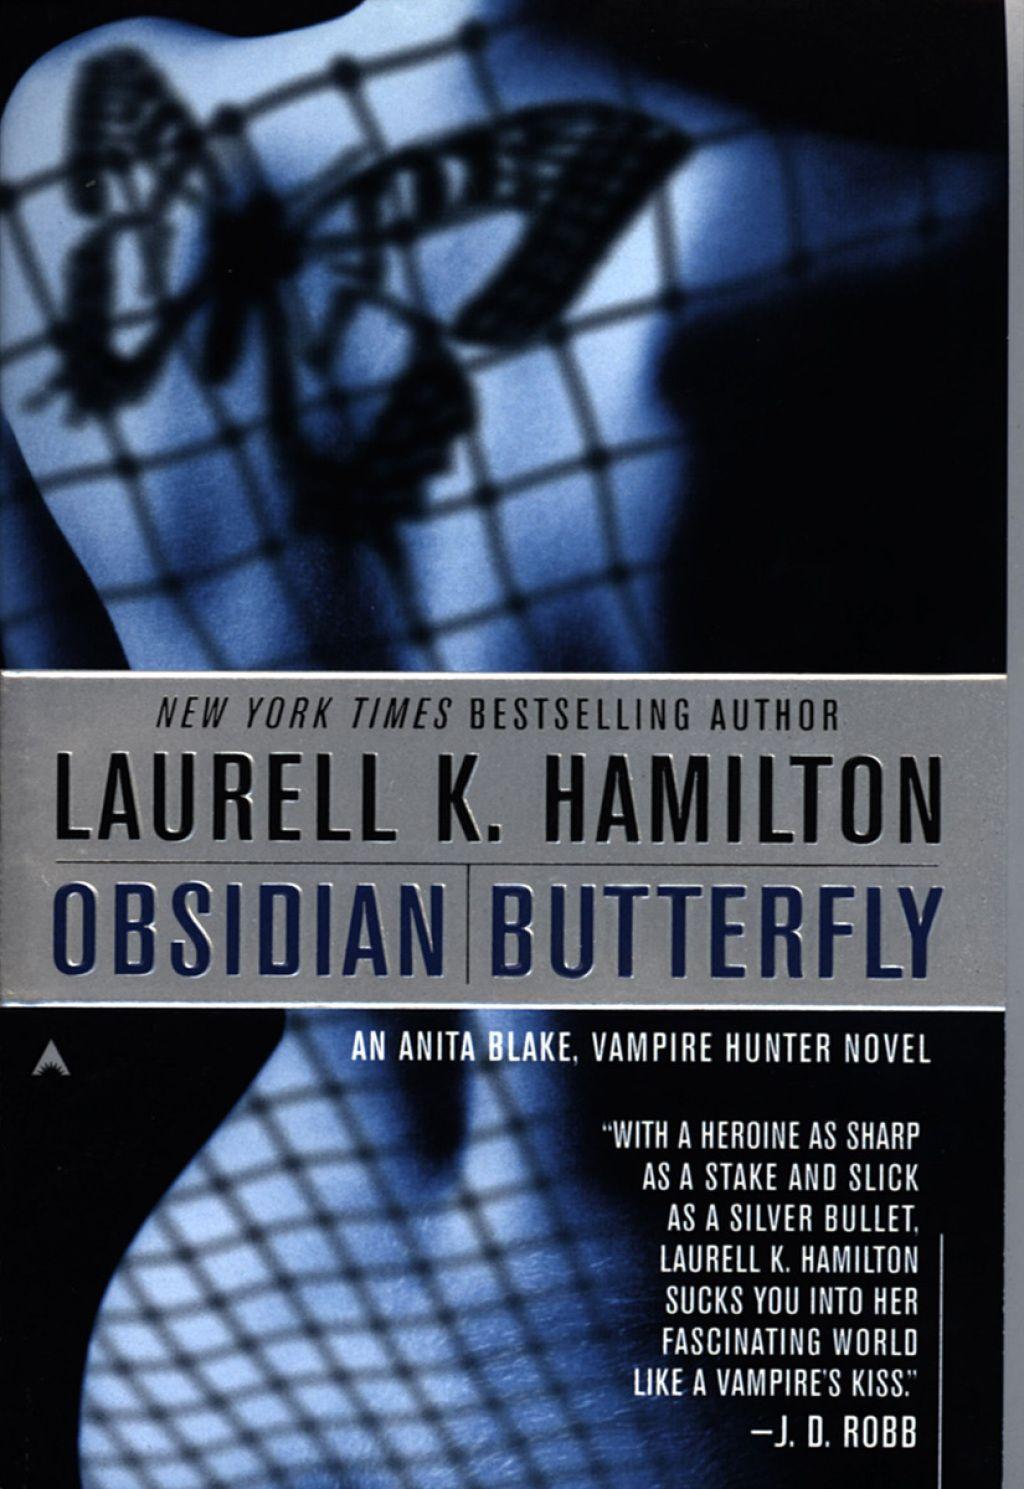 Obsidian Butterfly Ebook Anita Blake Vampire Hunter Vampire